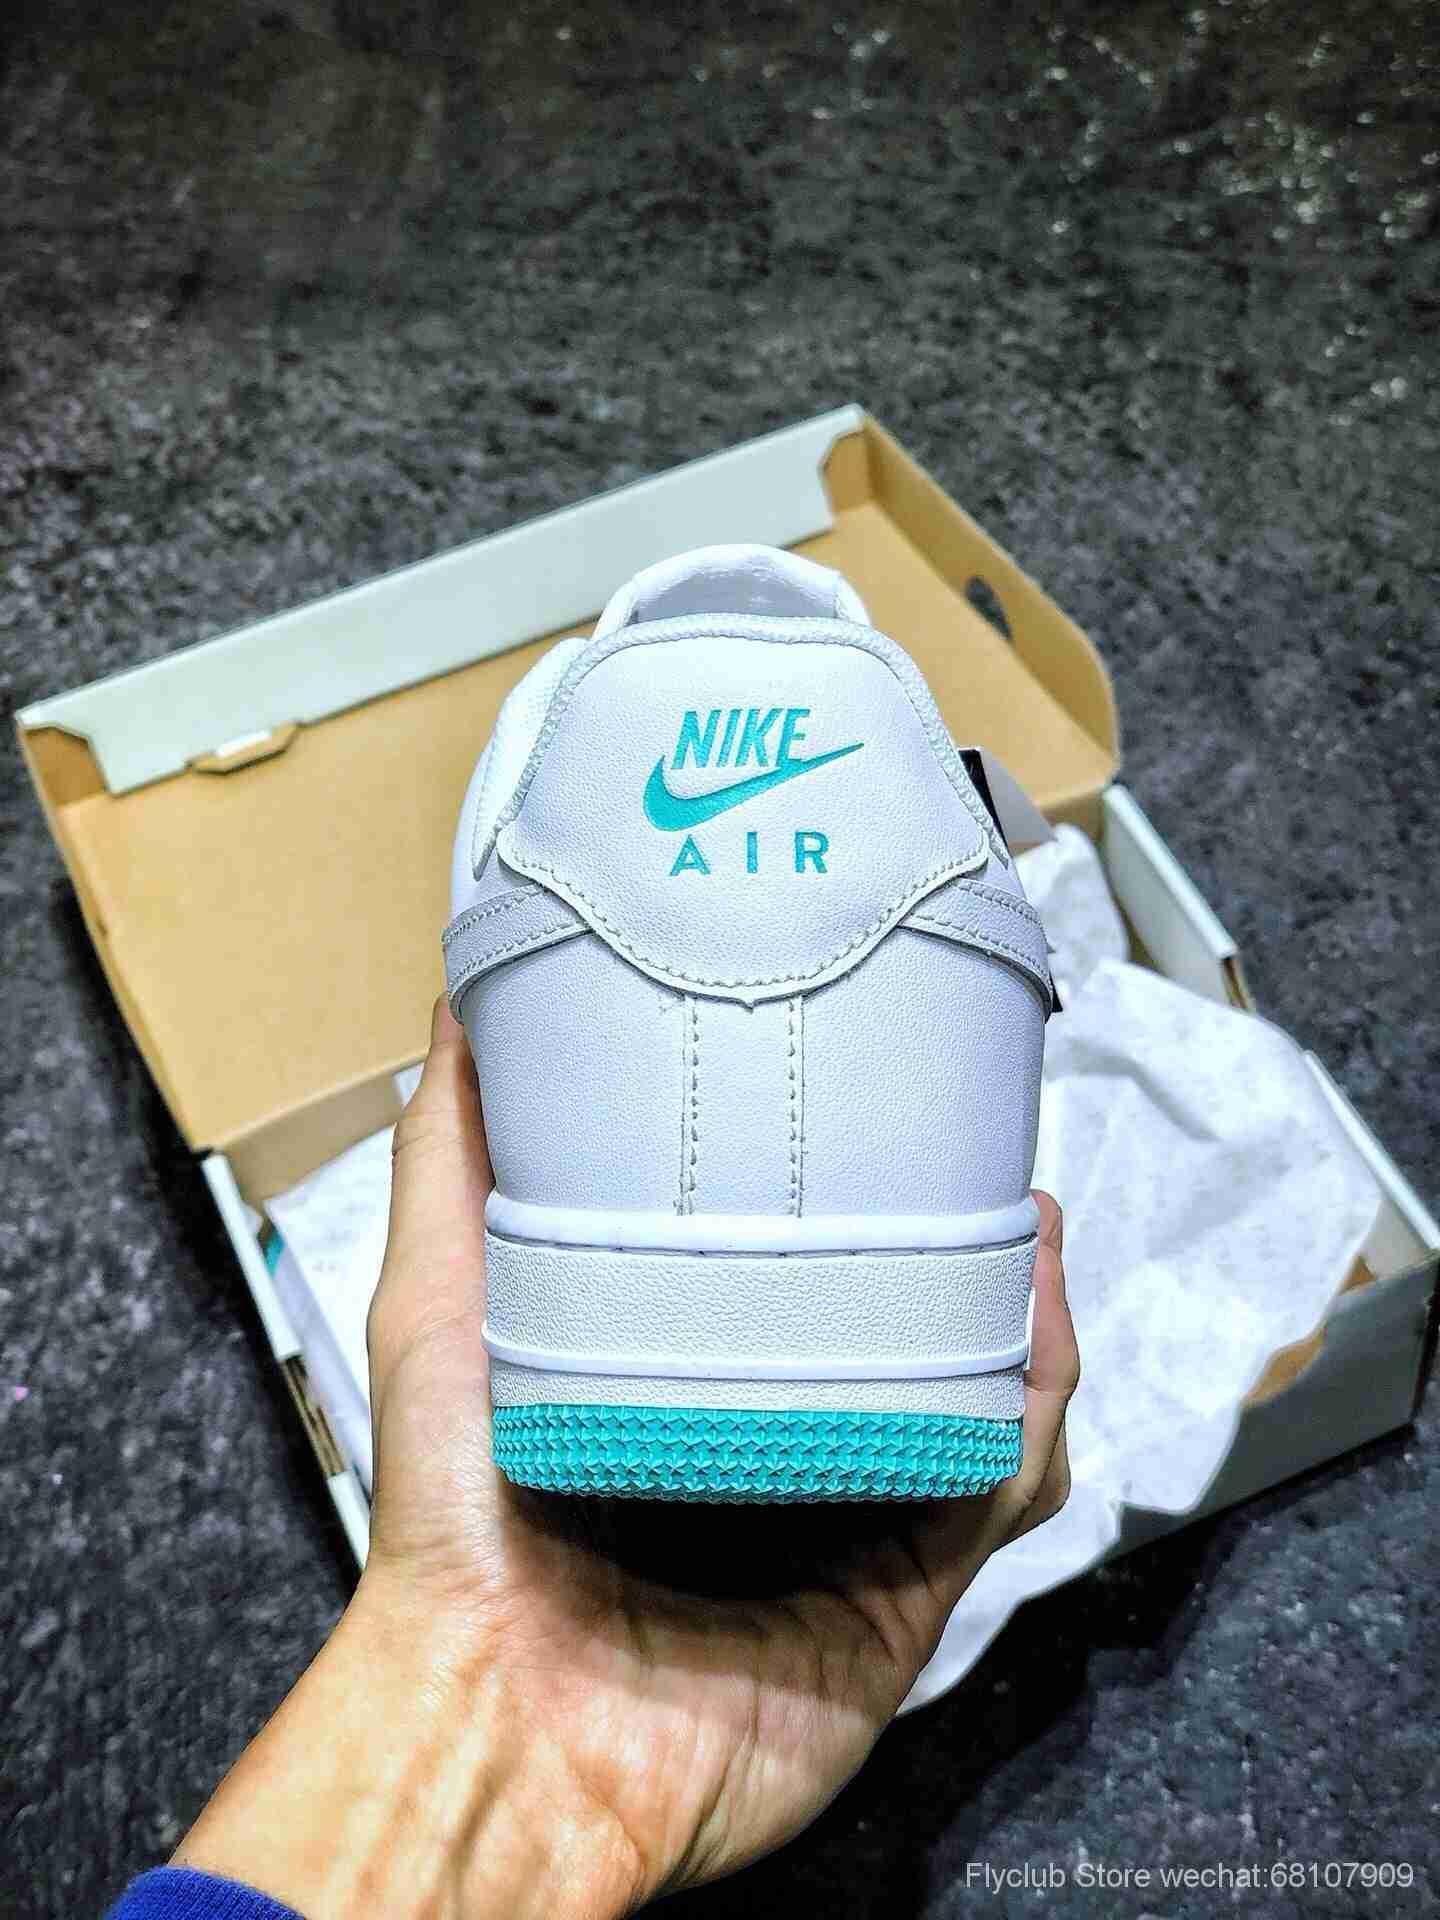 海外新品 Nike Air Force 1 Low '07  白玉 米老鼠恶搞创意联民 空军一号低帮休闲板鞋